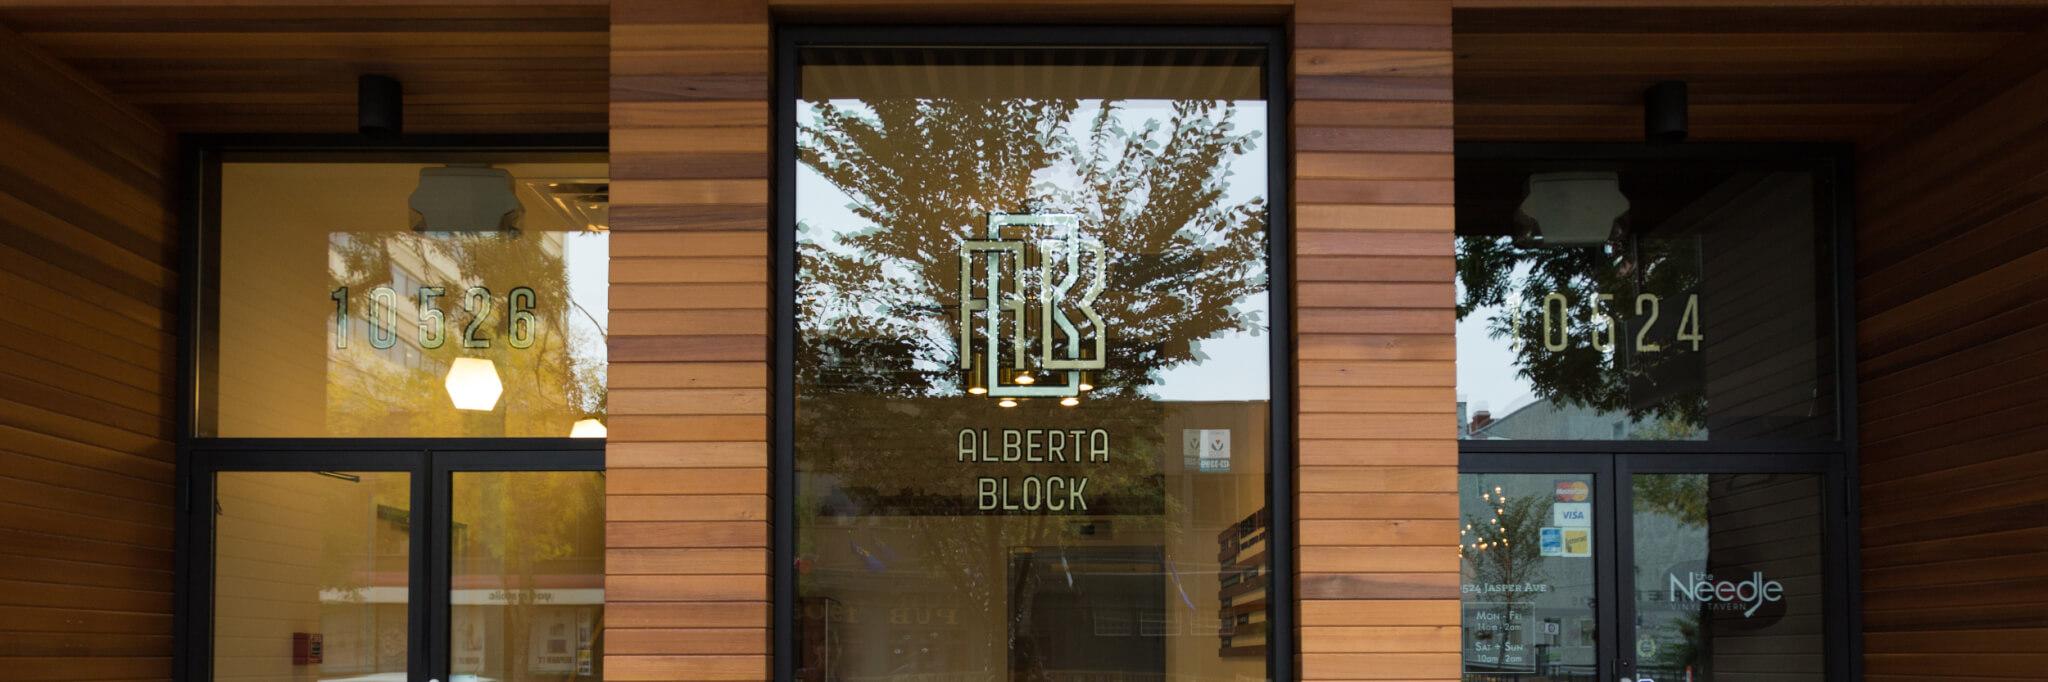 Alberta Block